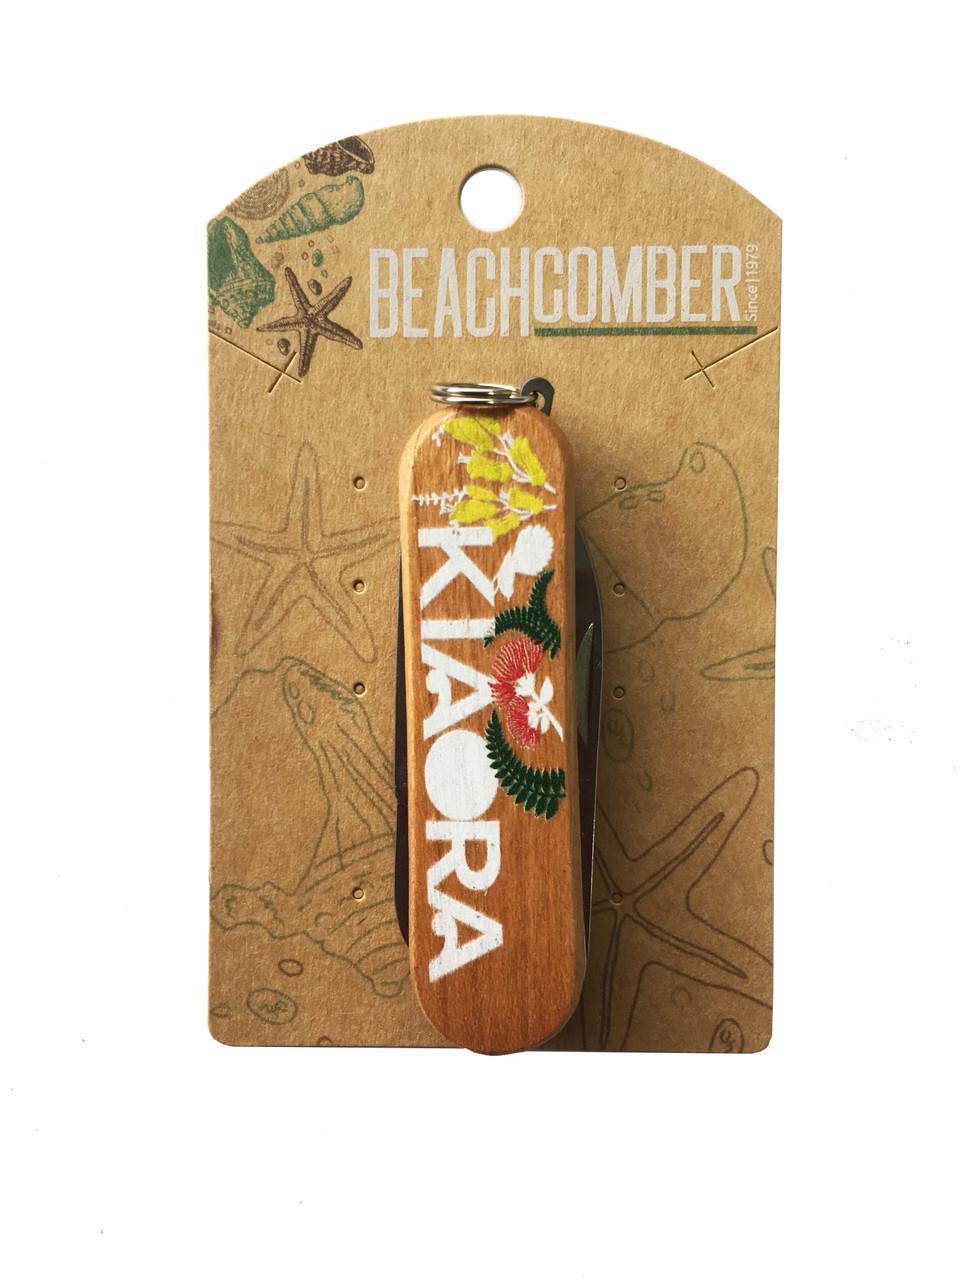 Fruit Knife with Kia Ora printed on.